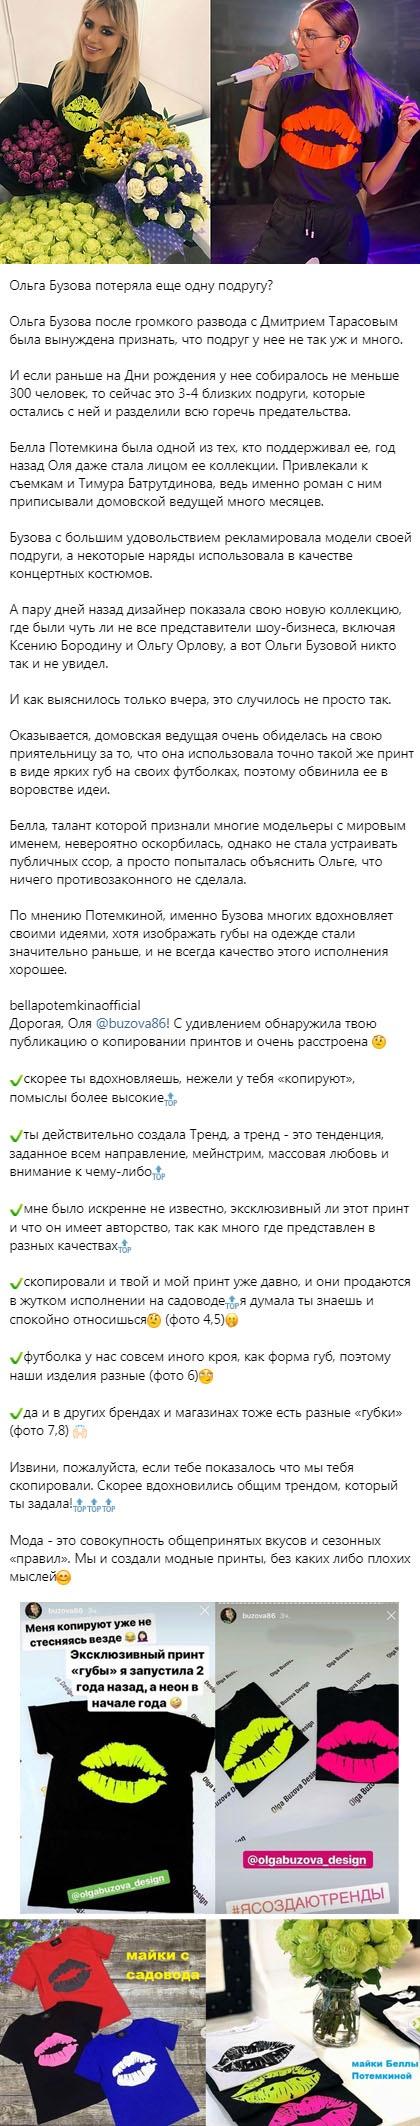 Ольга Бузова потеряла еще одного близкого человека